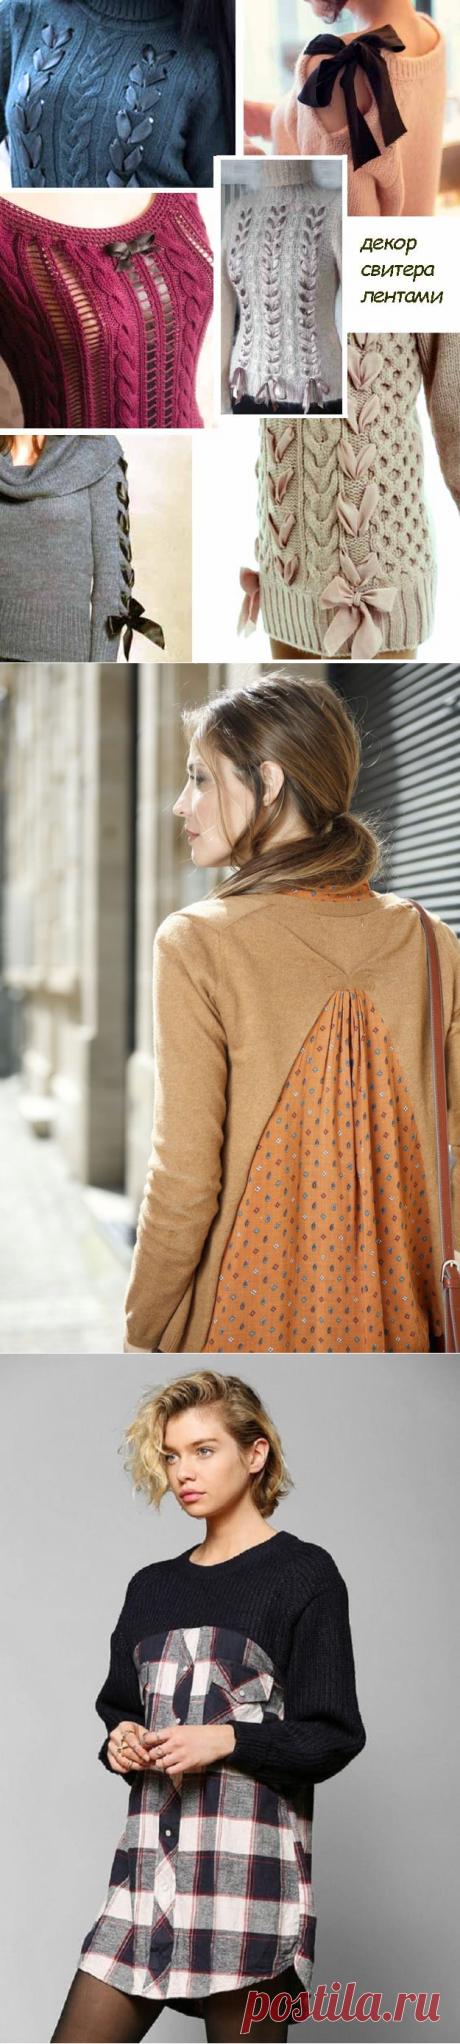 Стильные обновки из старых свитеров - творческие переделки